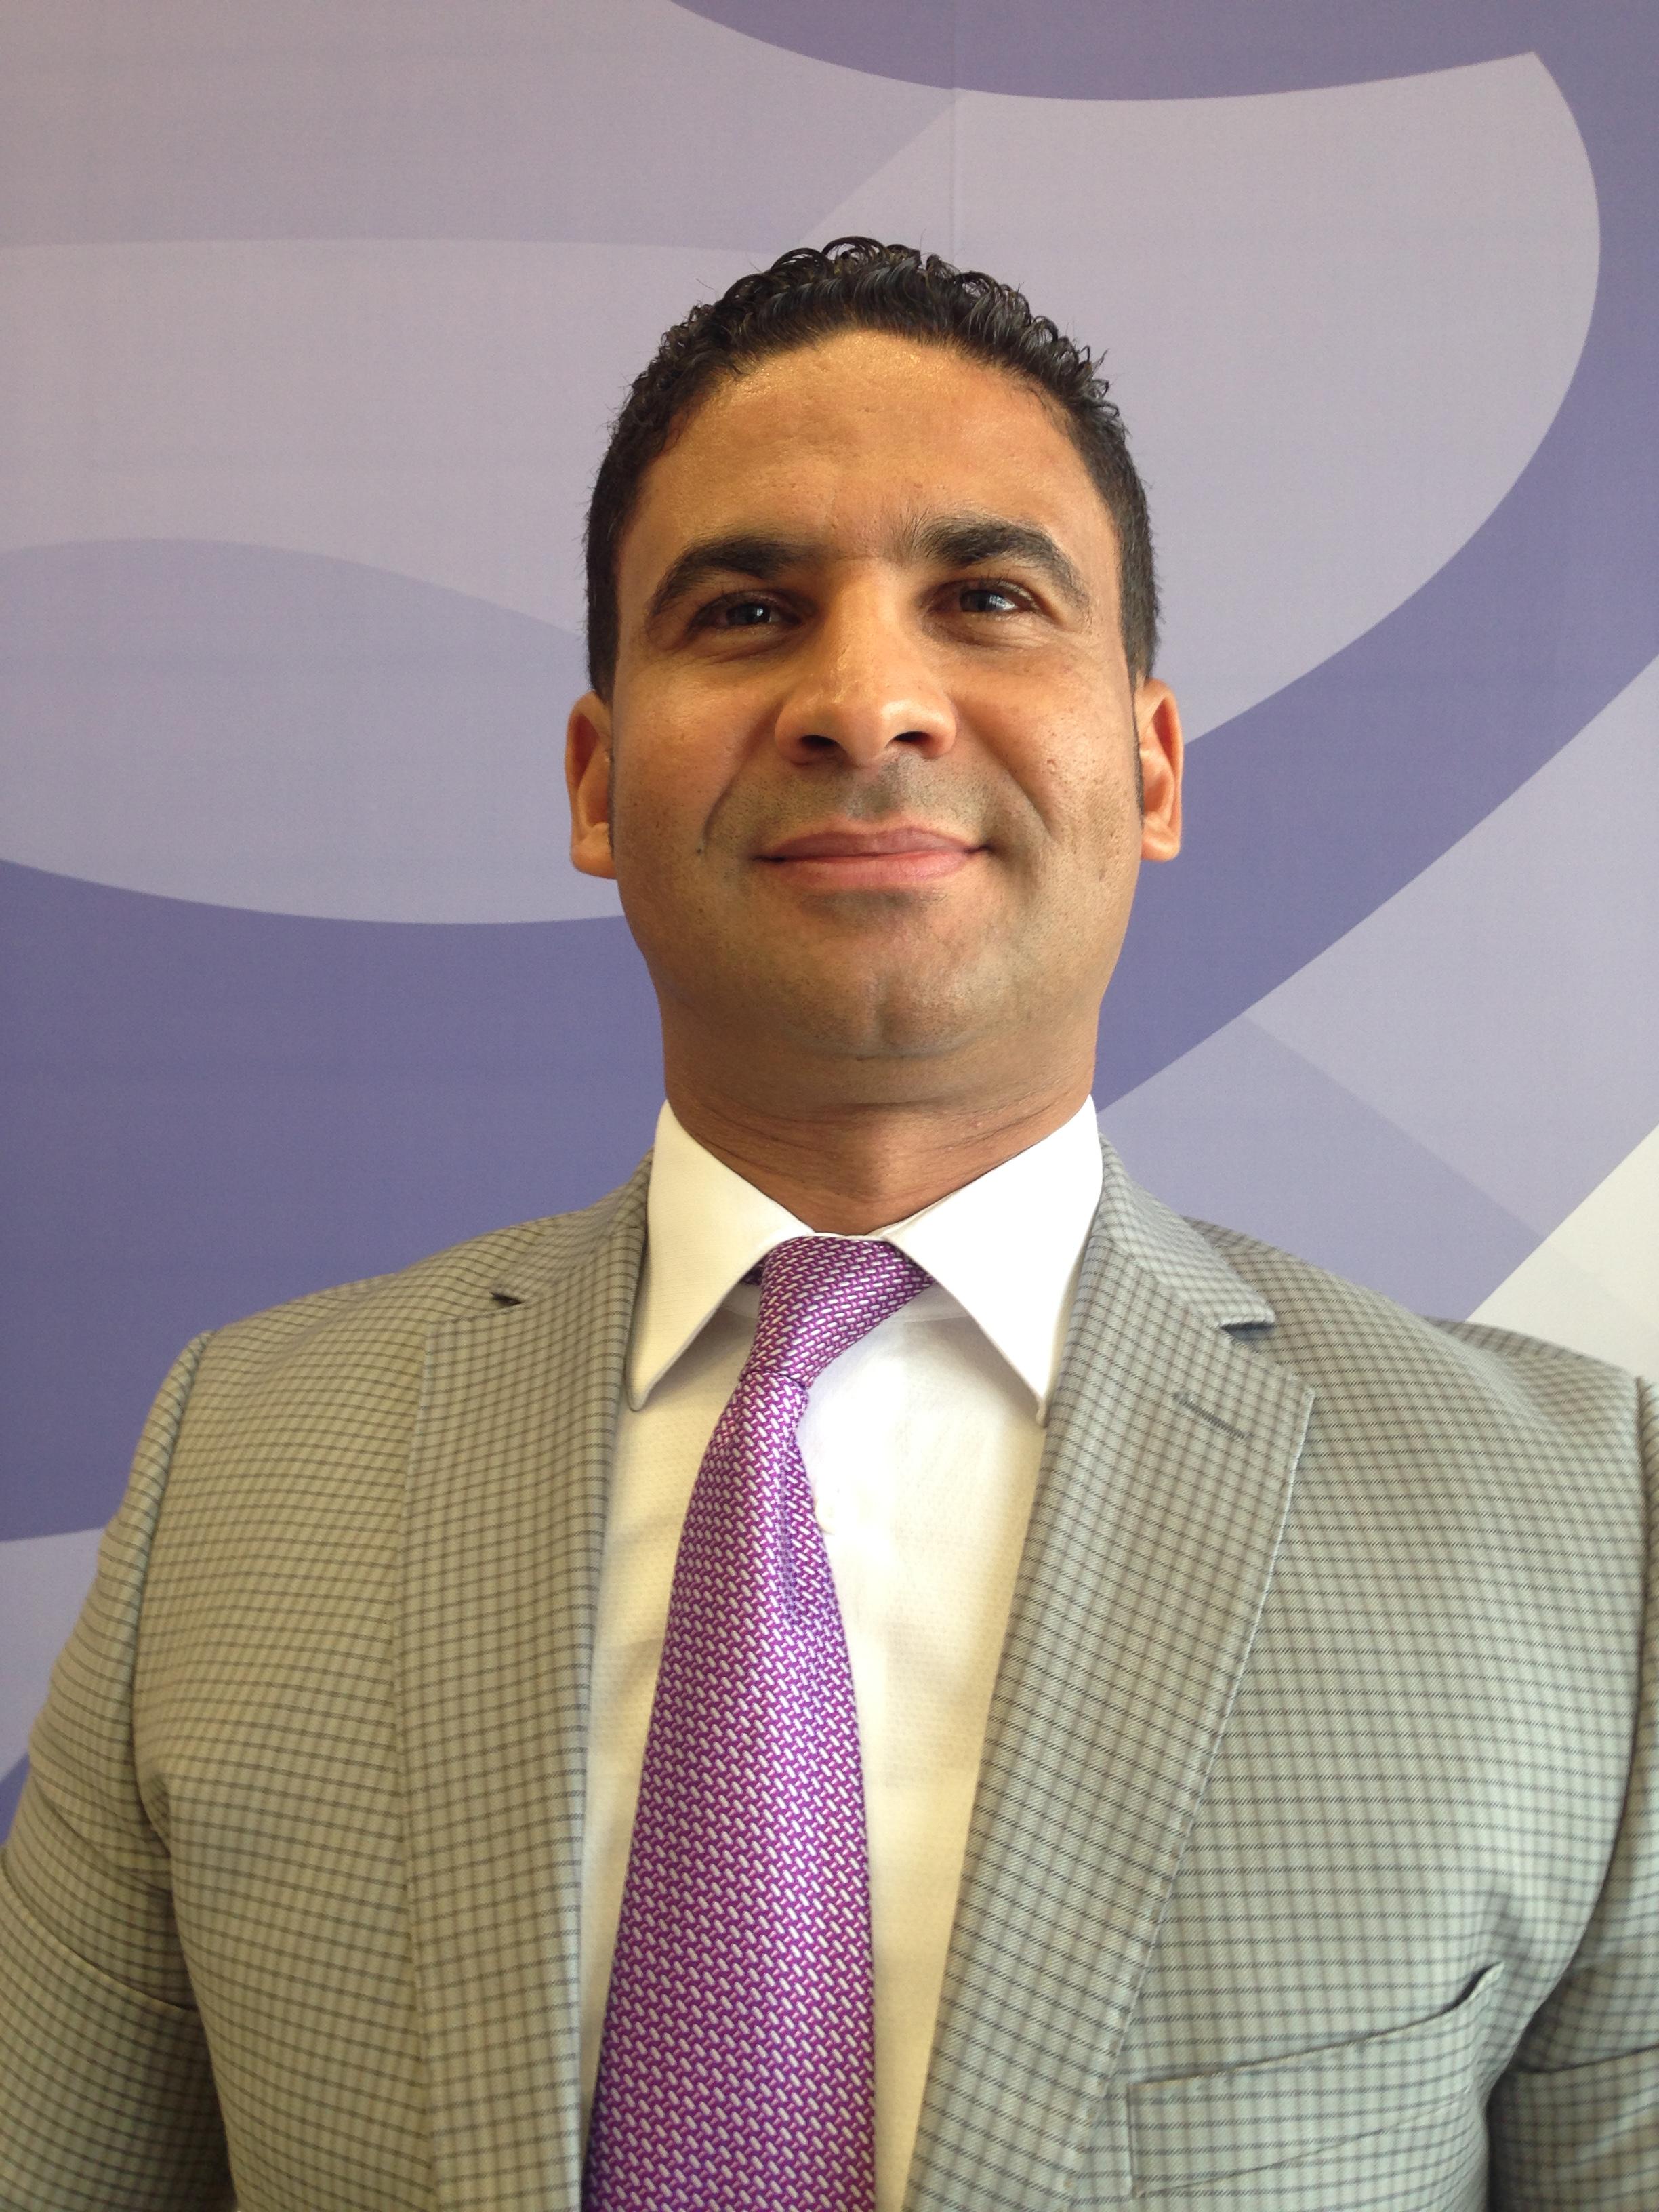 Dr. Kamel Hedhli